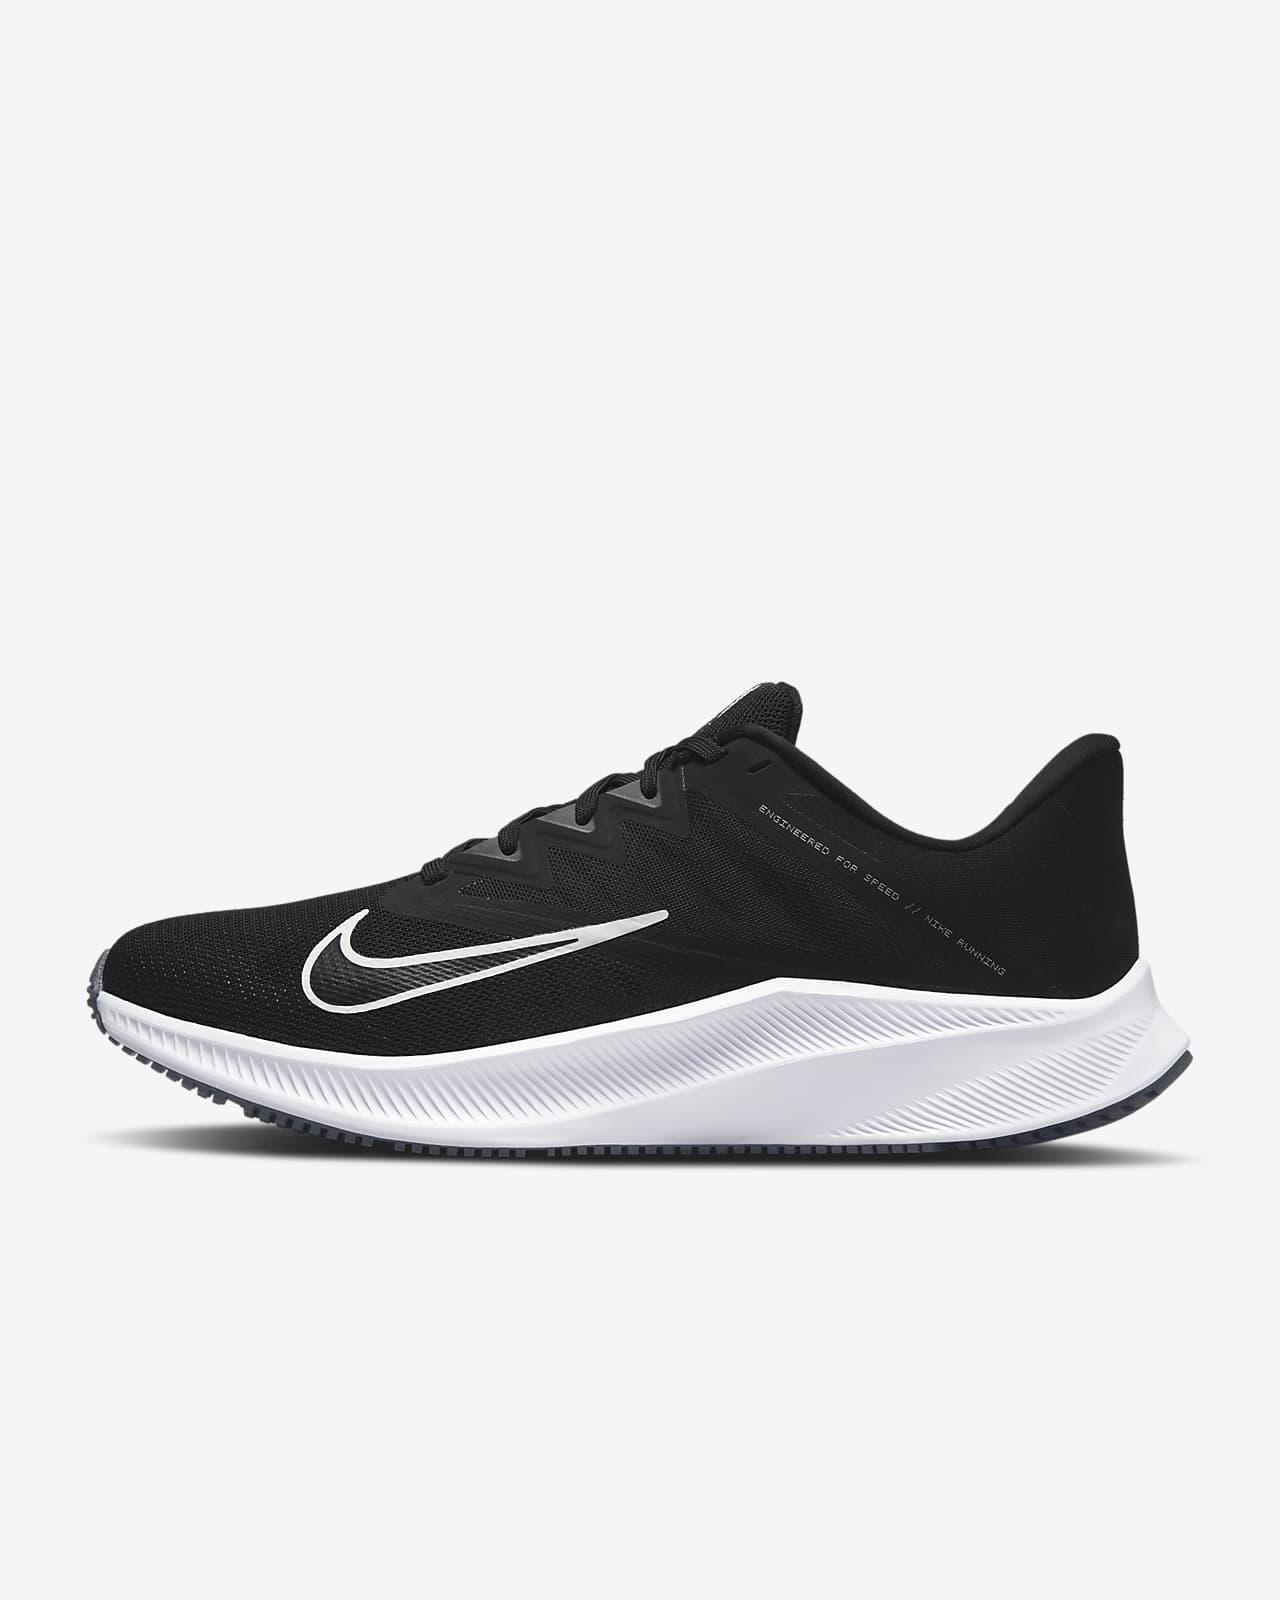 Solicitud Aproximación Deliberadamente  Nike Quest 3 Men's Running Shoe. Nike ID